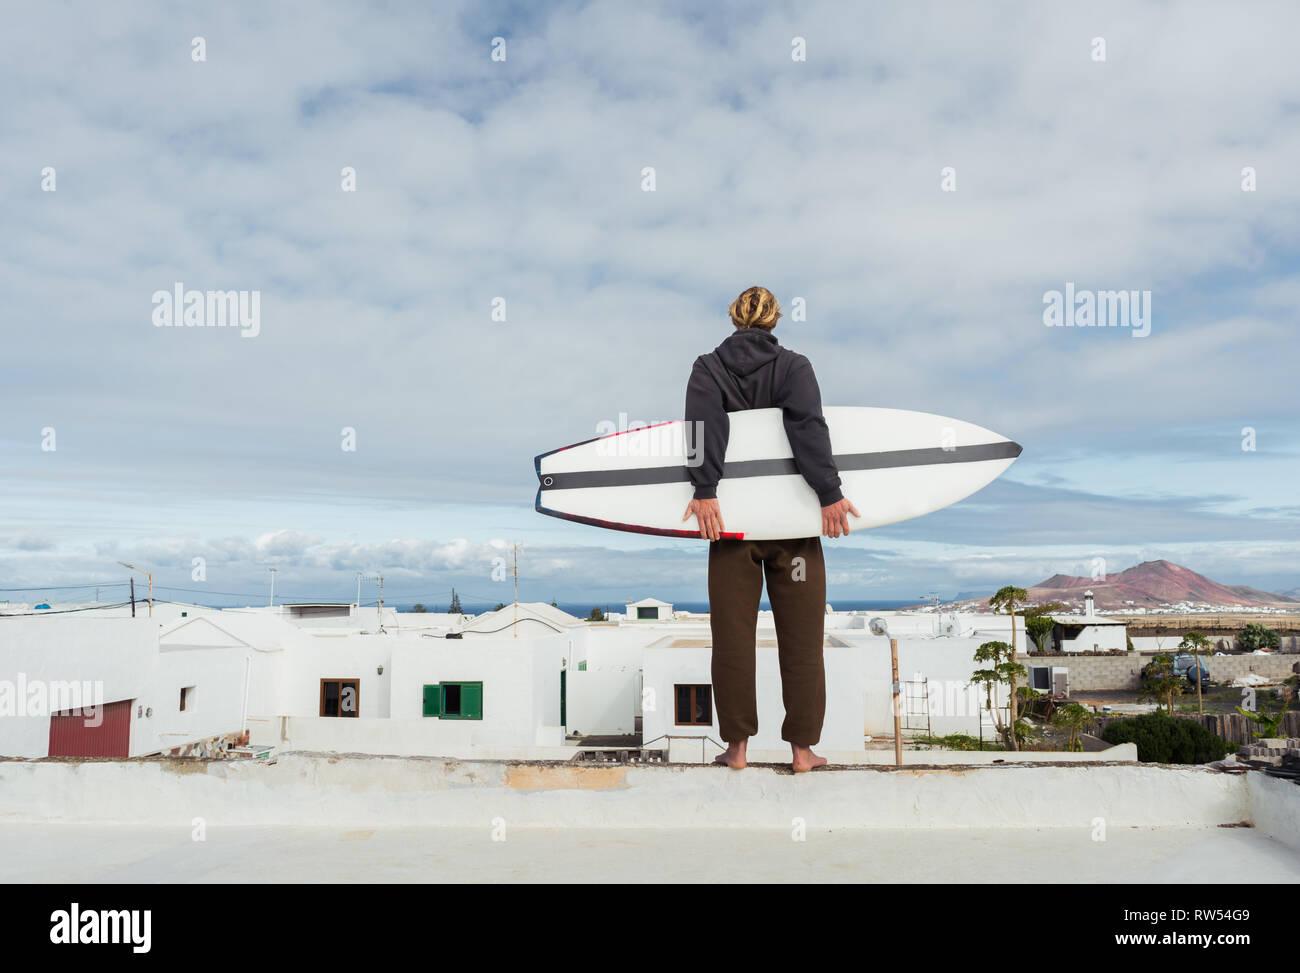 Mann mit Surfbrett auf dem Dach von Gebäude und Blick auf die Berge Stockbild